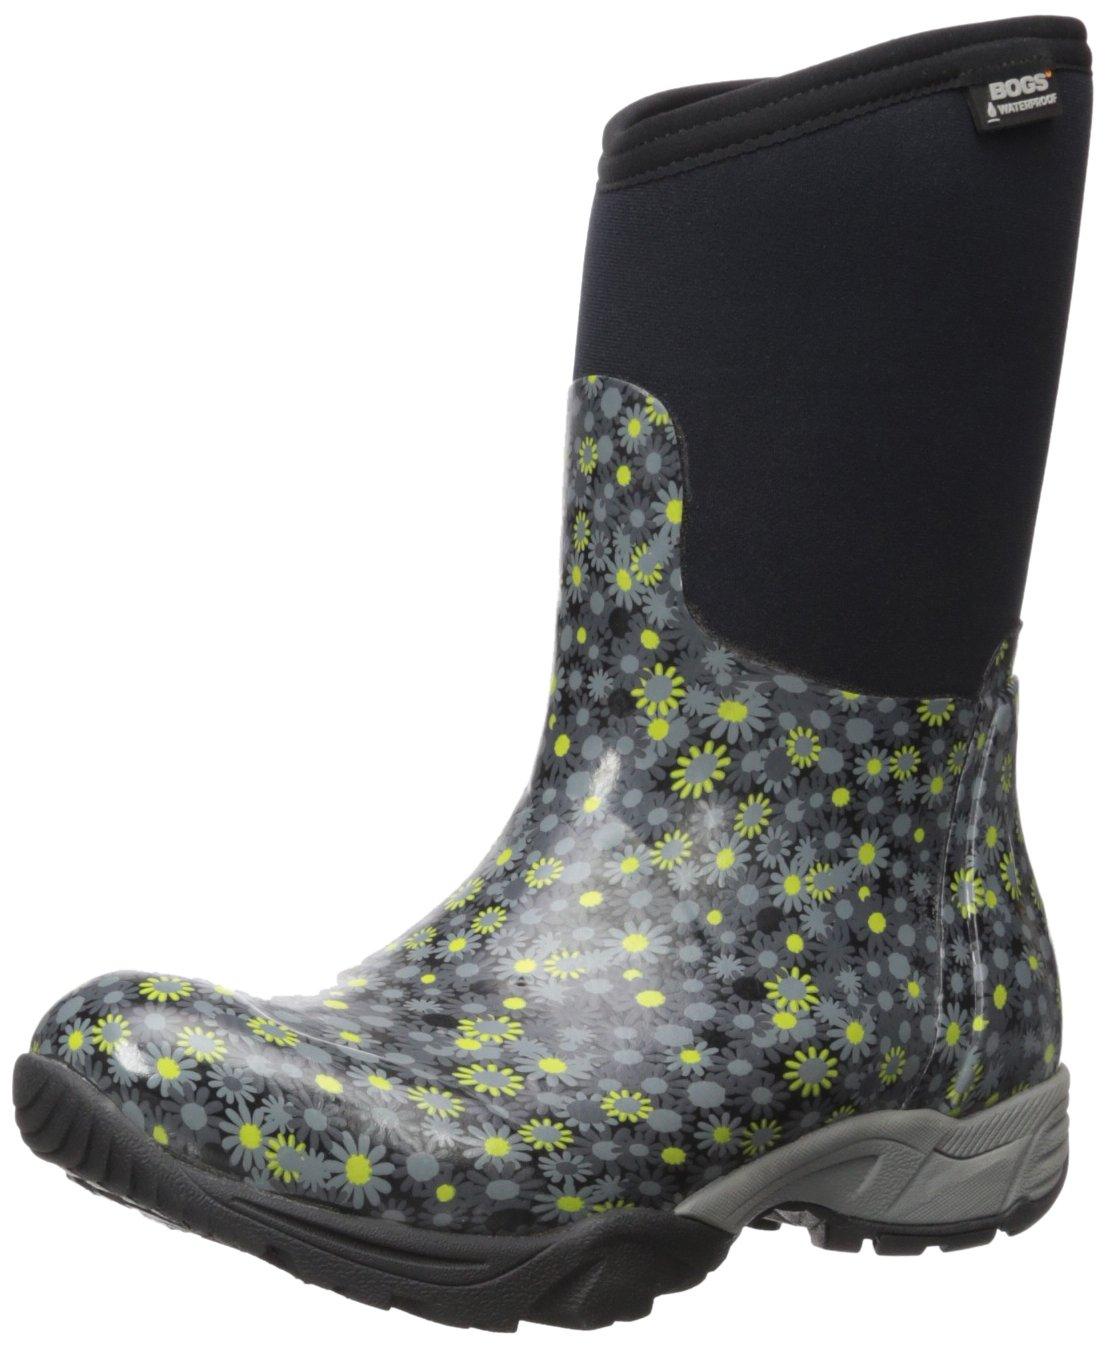 Bogs Women's Daisy Multiflower Work Boot, Black/Multi, 9 M US